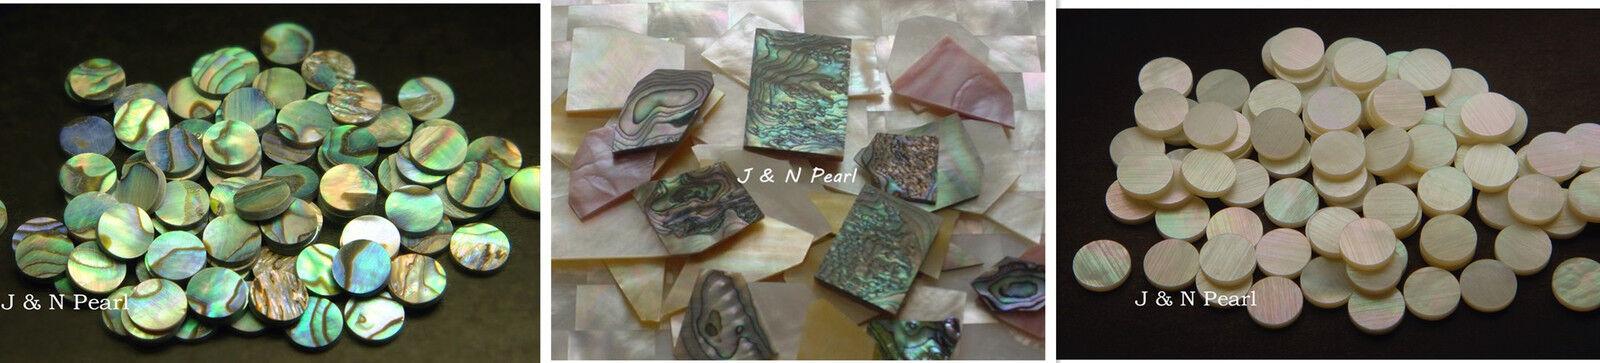 J&N Pearl